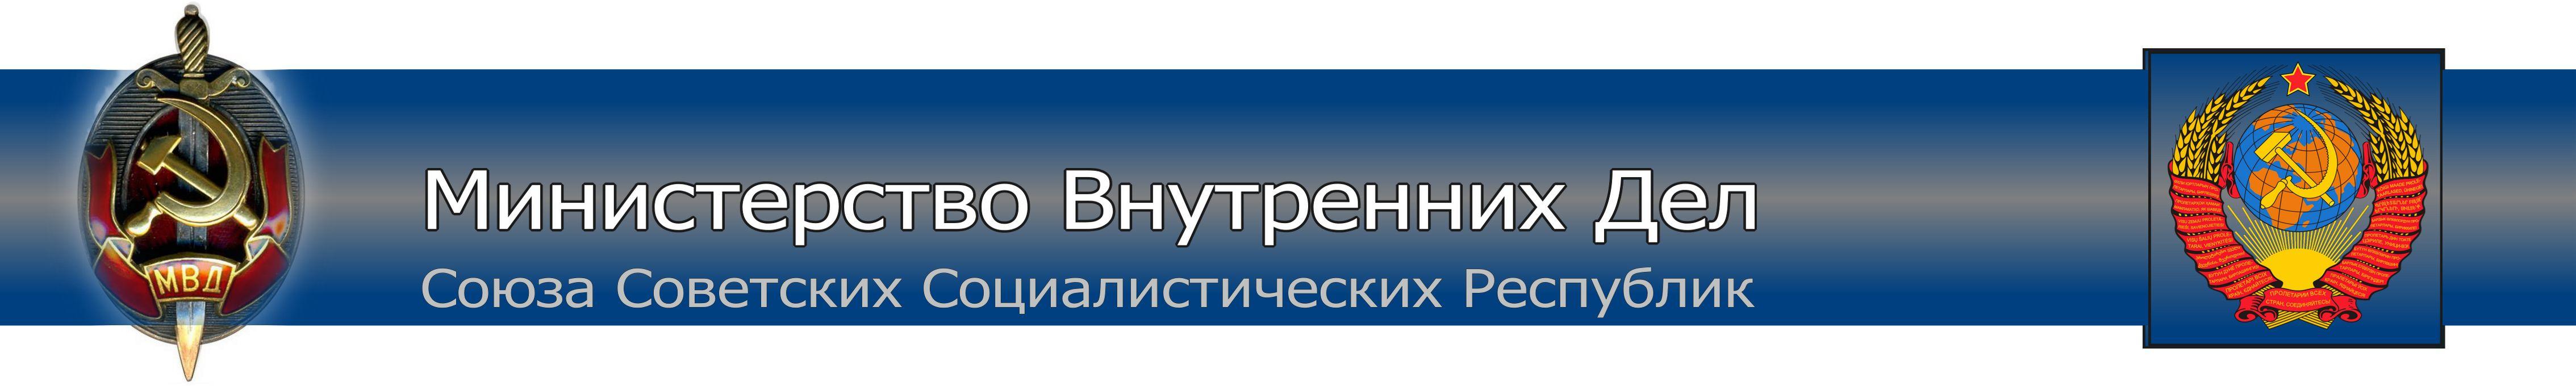 Министерство Внутренних Дел Союза Советских Социалистических Республик